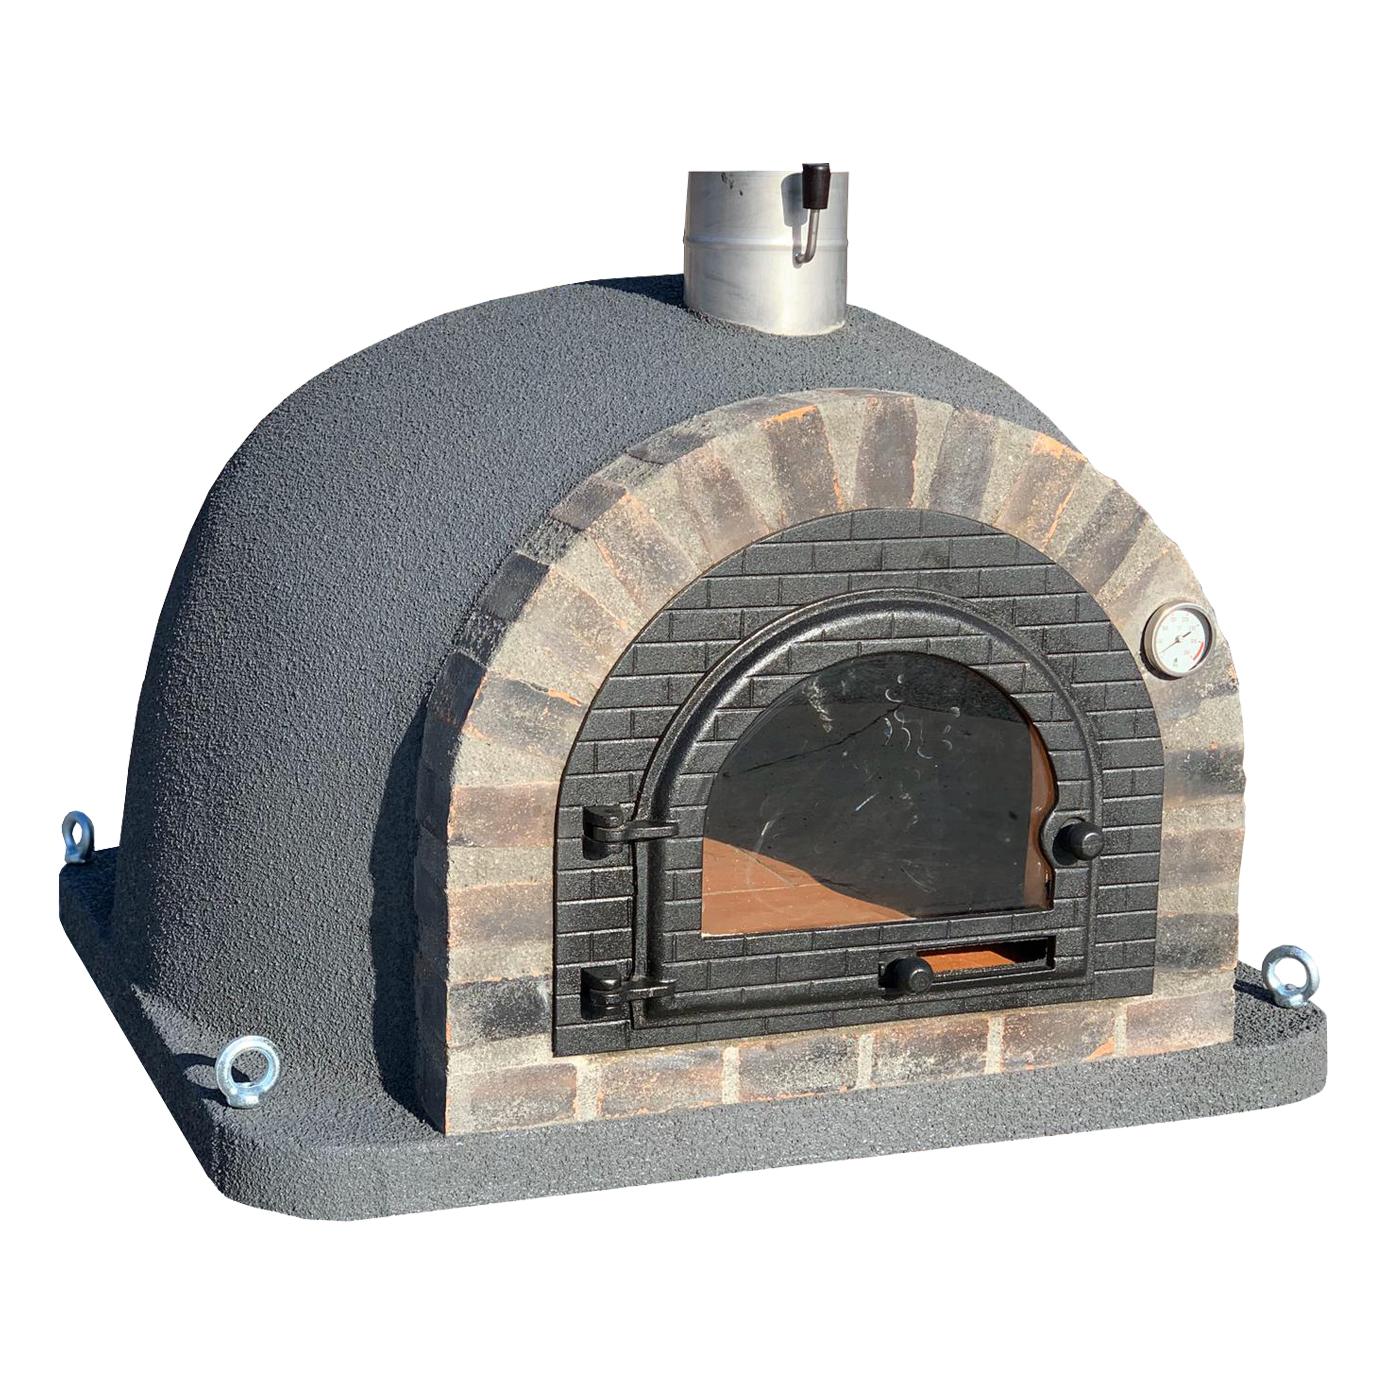 Pizzaugn | Vedugn | Stenugn Forno Deluxe grå med svart rustikt tegel